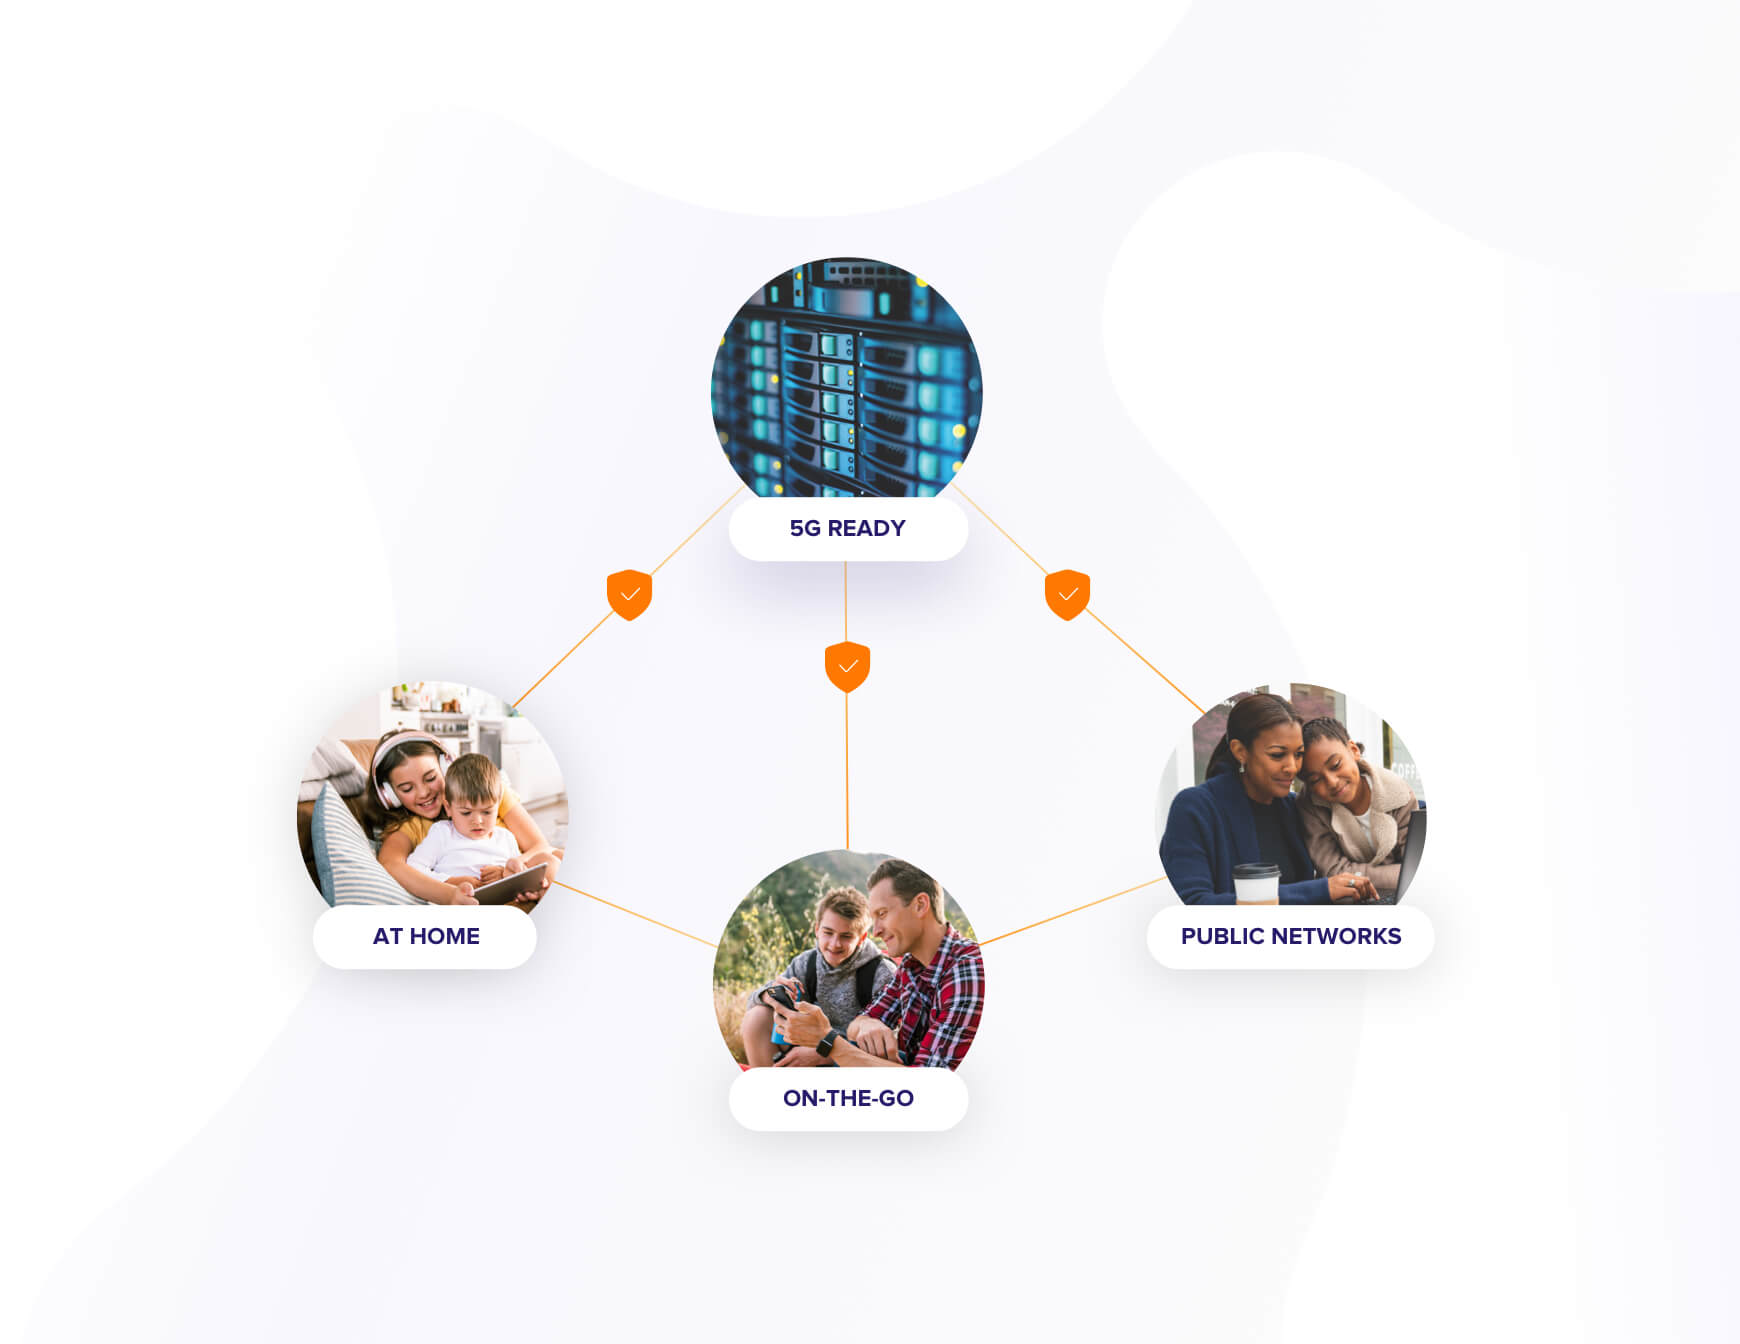 Ofertas totalmente convergentes que protegen completamente la vida digital de sus clientes